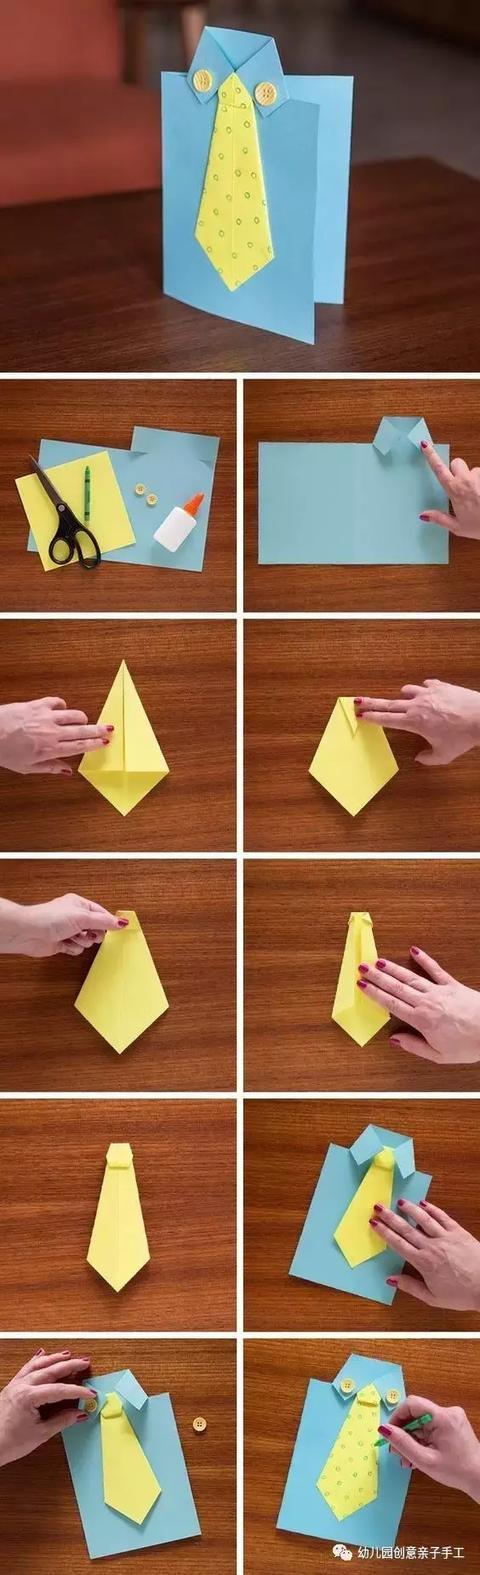 幼兒園創意卡紙手工教程:鯊魚愛心粘貼畫賀卡等。七個教程輕鬆學 - 每日頭條